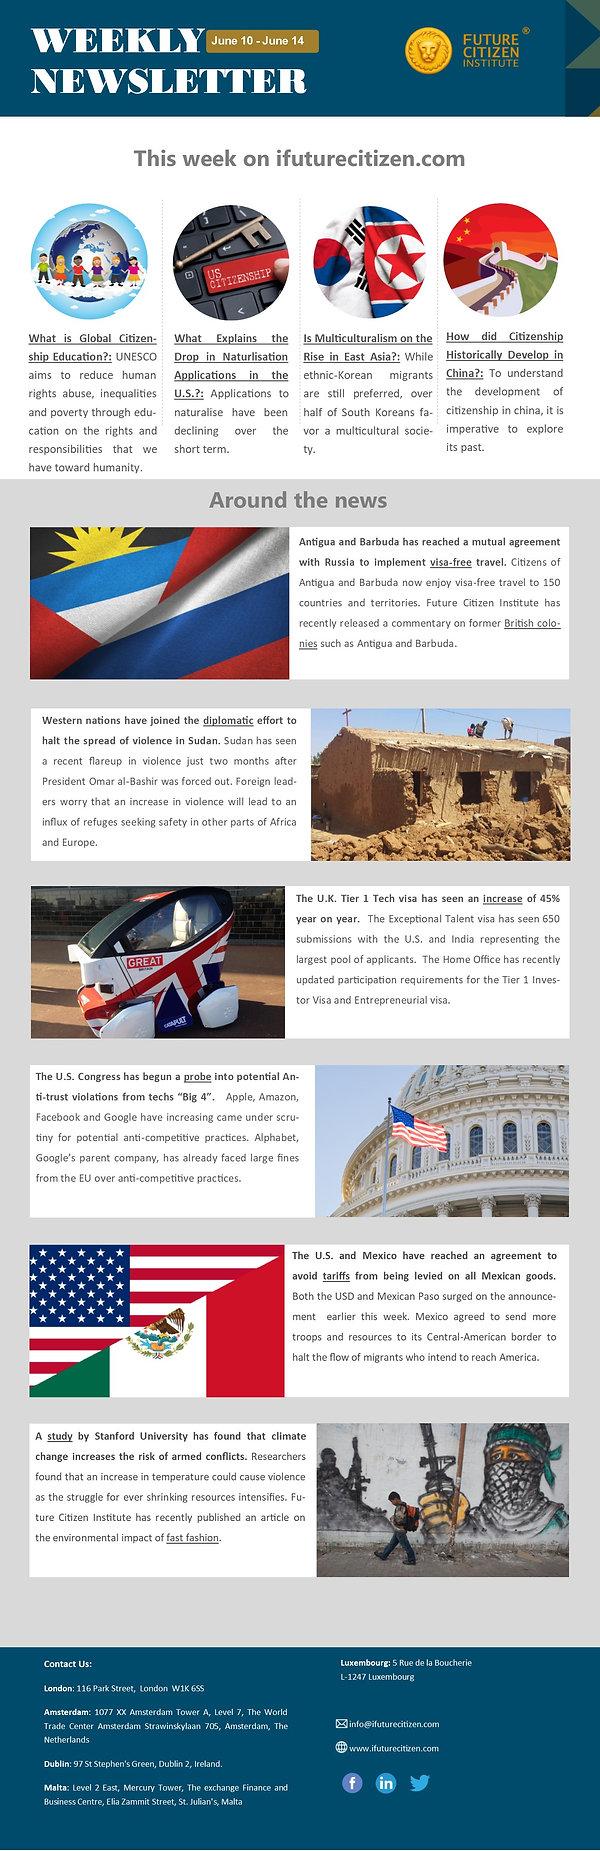 Newsletter June 10-14.jpg